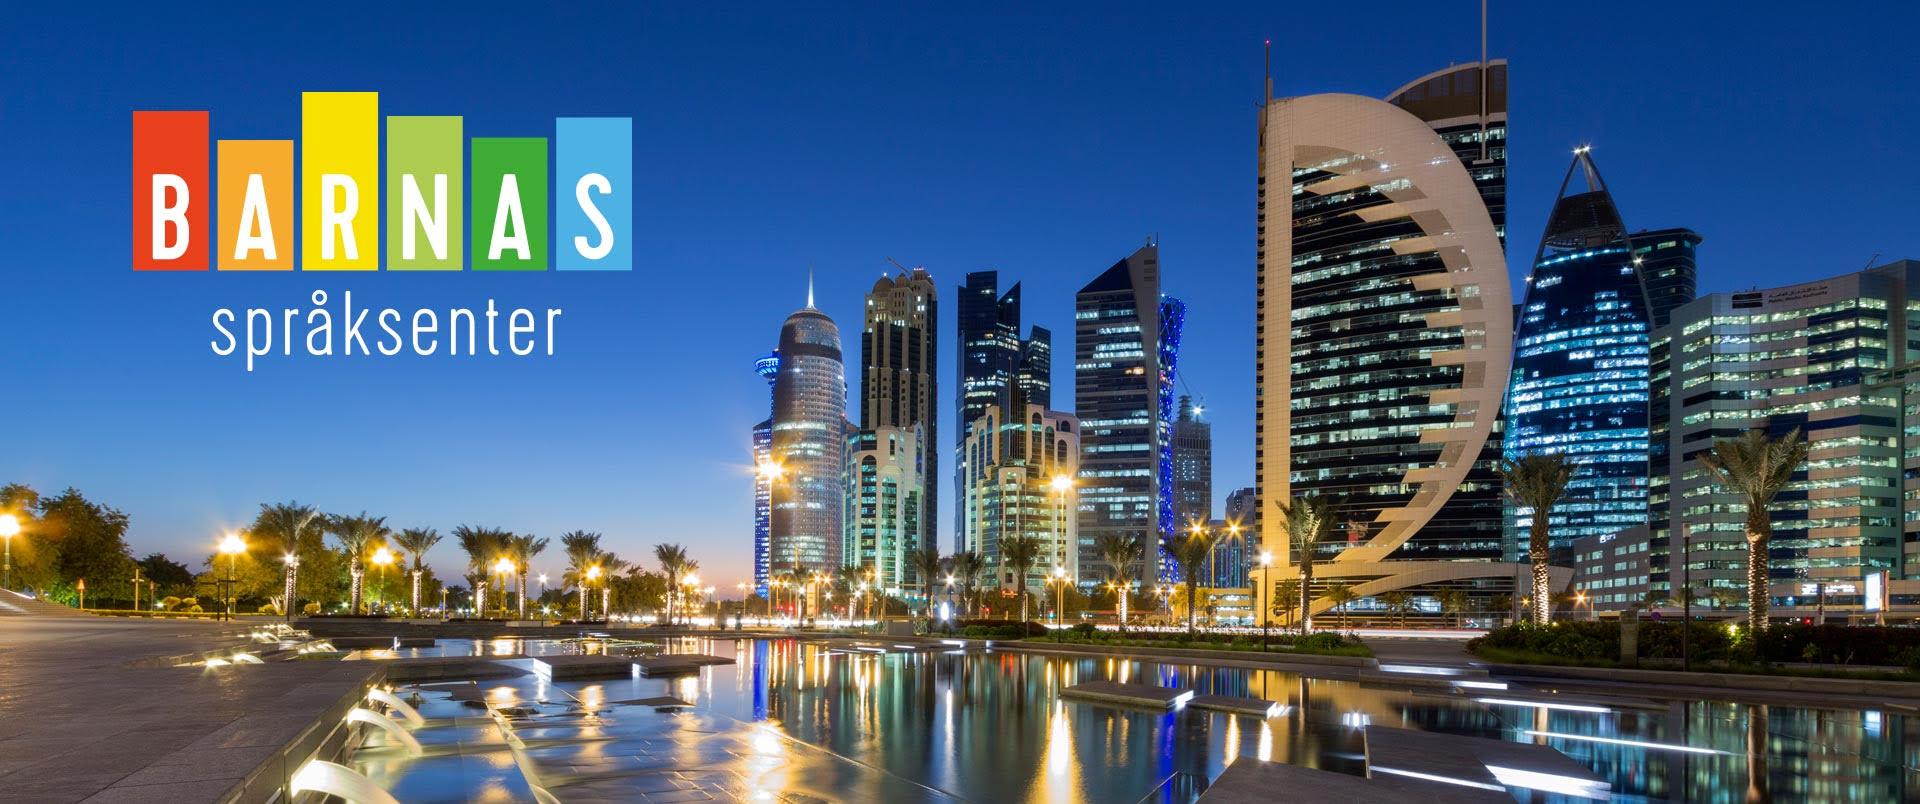 barnas-spraksenter-qatar.jpg